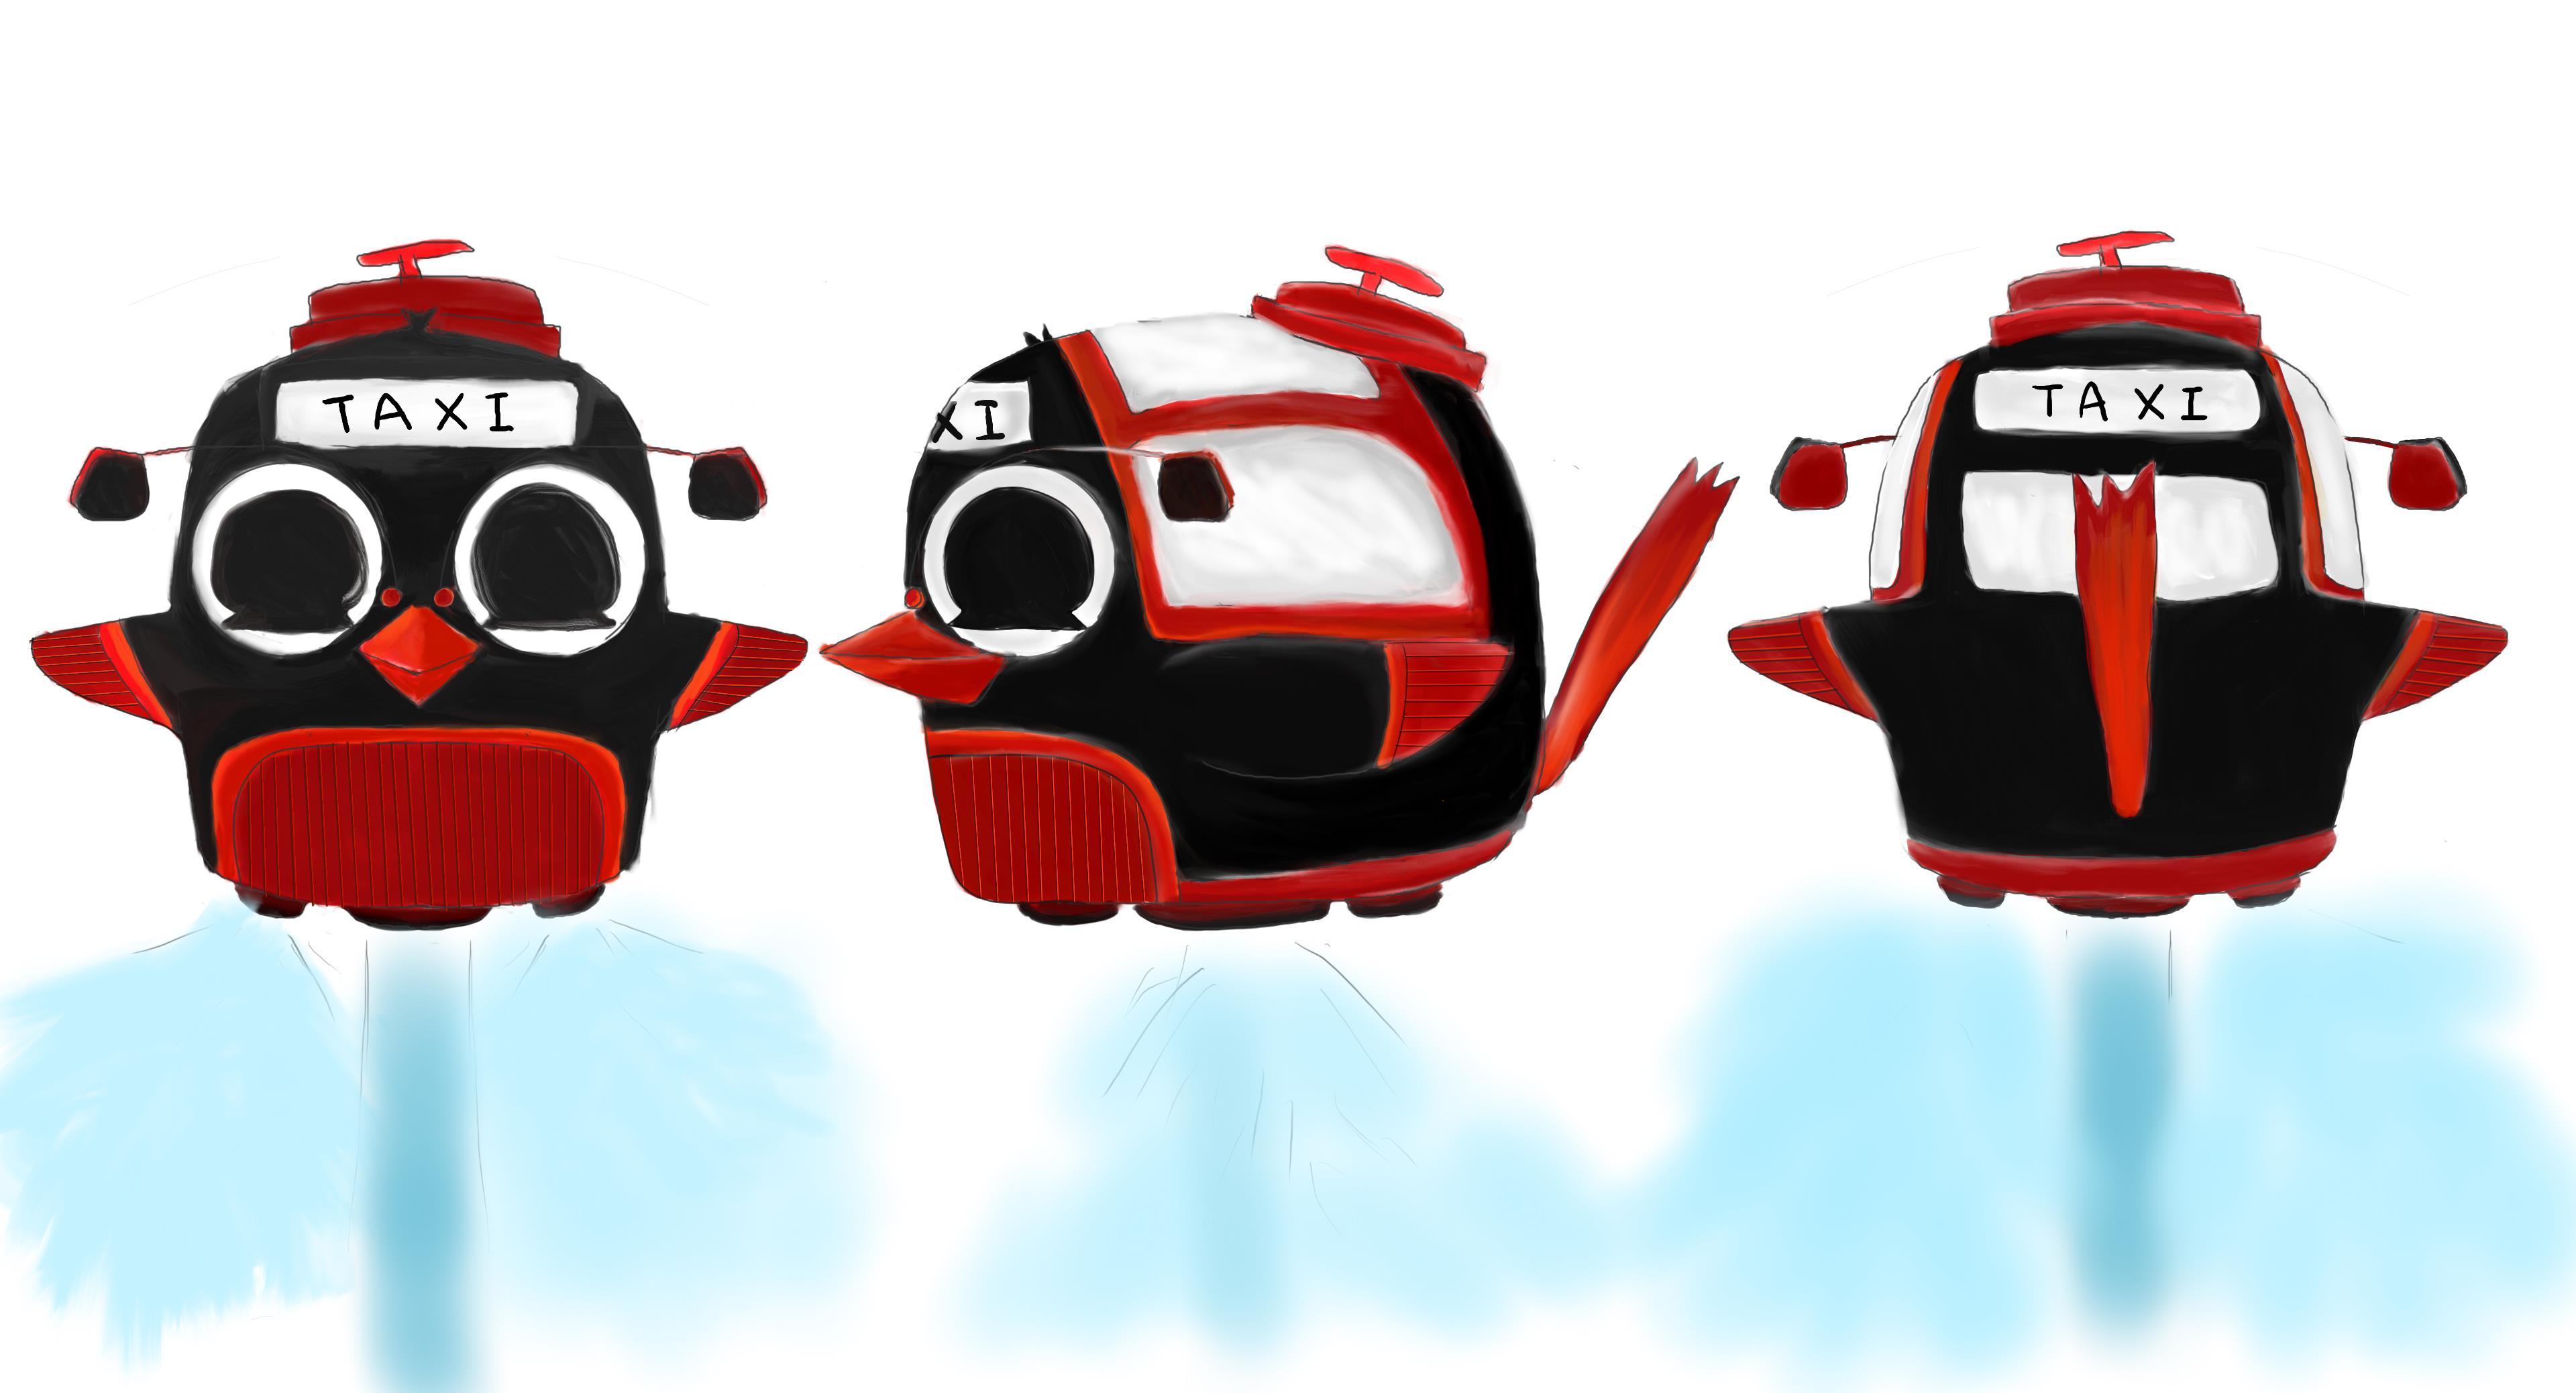 BG_Traffic_001_五色鳥雙人車(計程車)